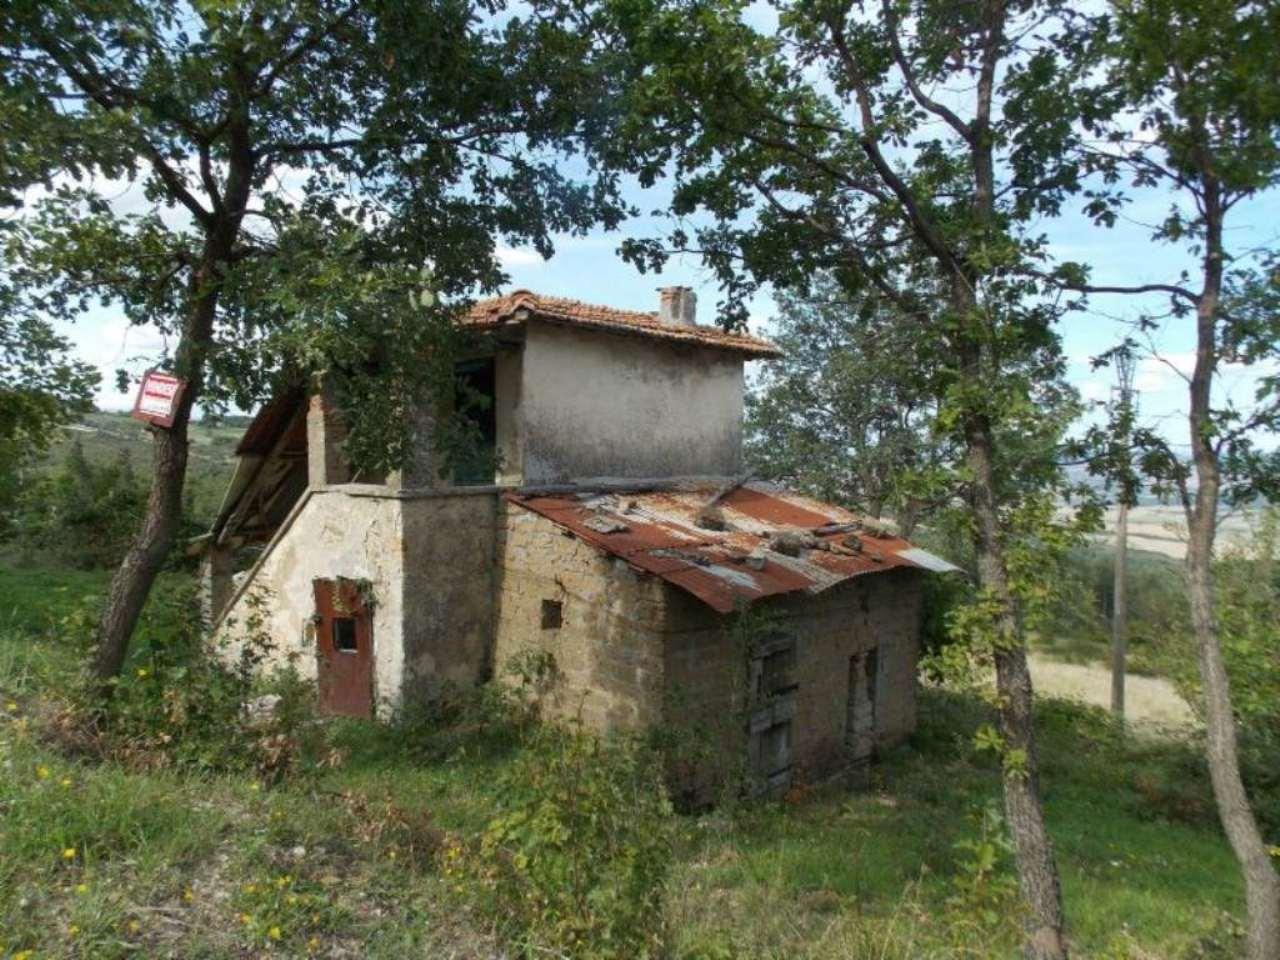 Rustico / Casale in vendita a Castiglione d'Orcia, 5 locali, prezzo € 40.000 | Cambio Casa.it